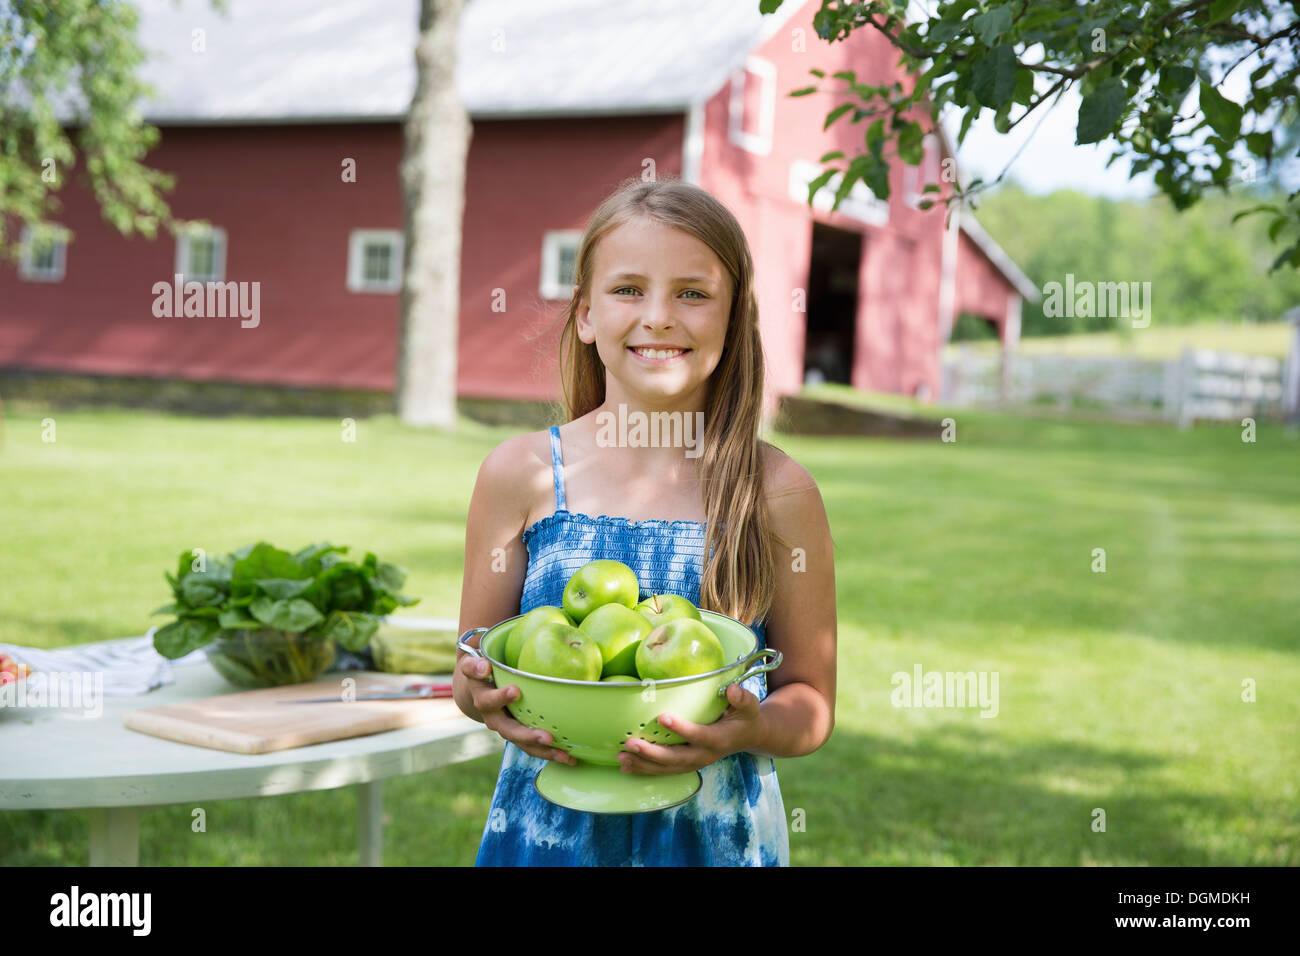 Parte de la familia. Una joven con largo pelo rubio vistiendo un sundress azul, llevando un tazón grande de crujientes manzanas verdes peladas. Imagen De Stock